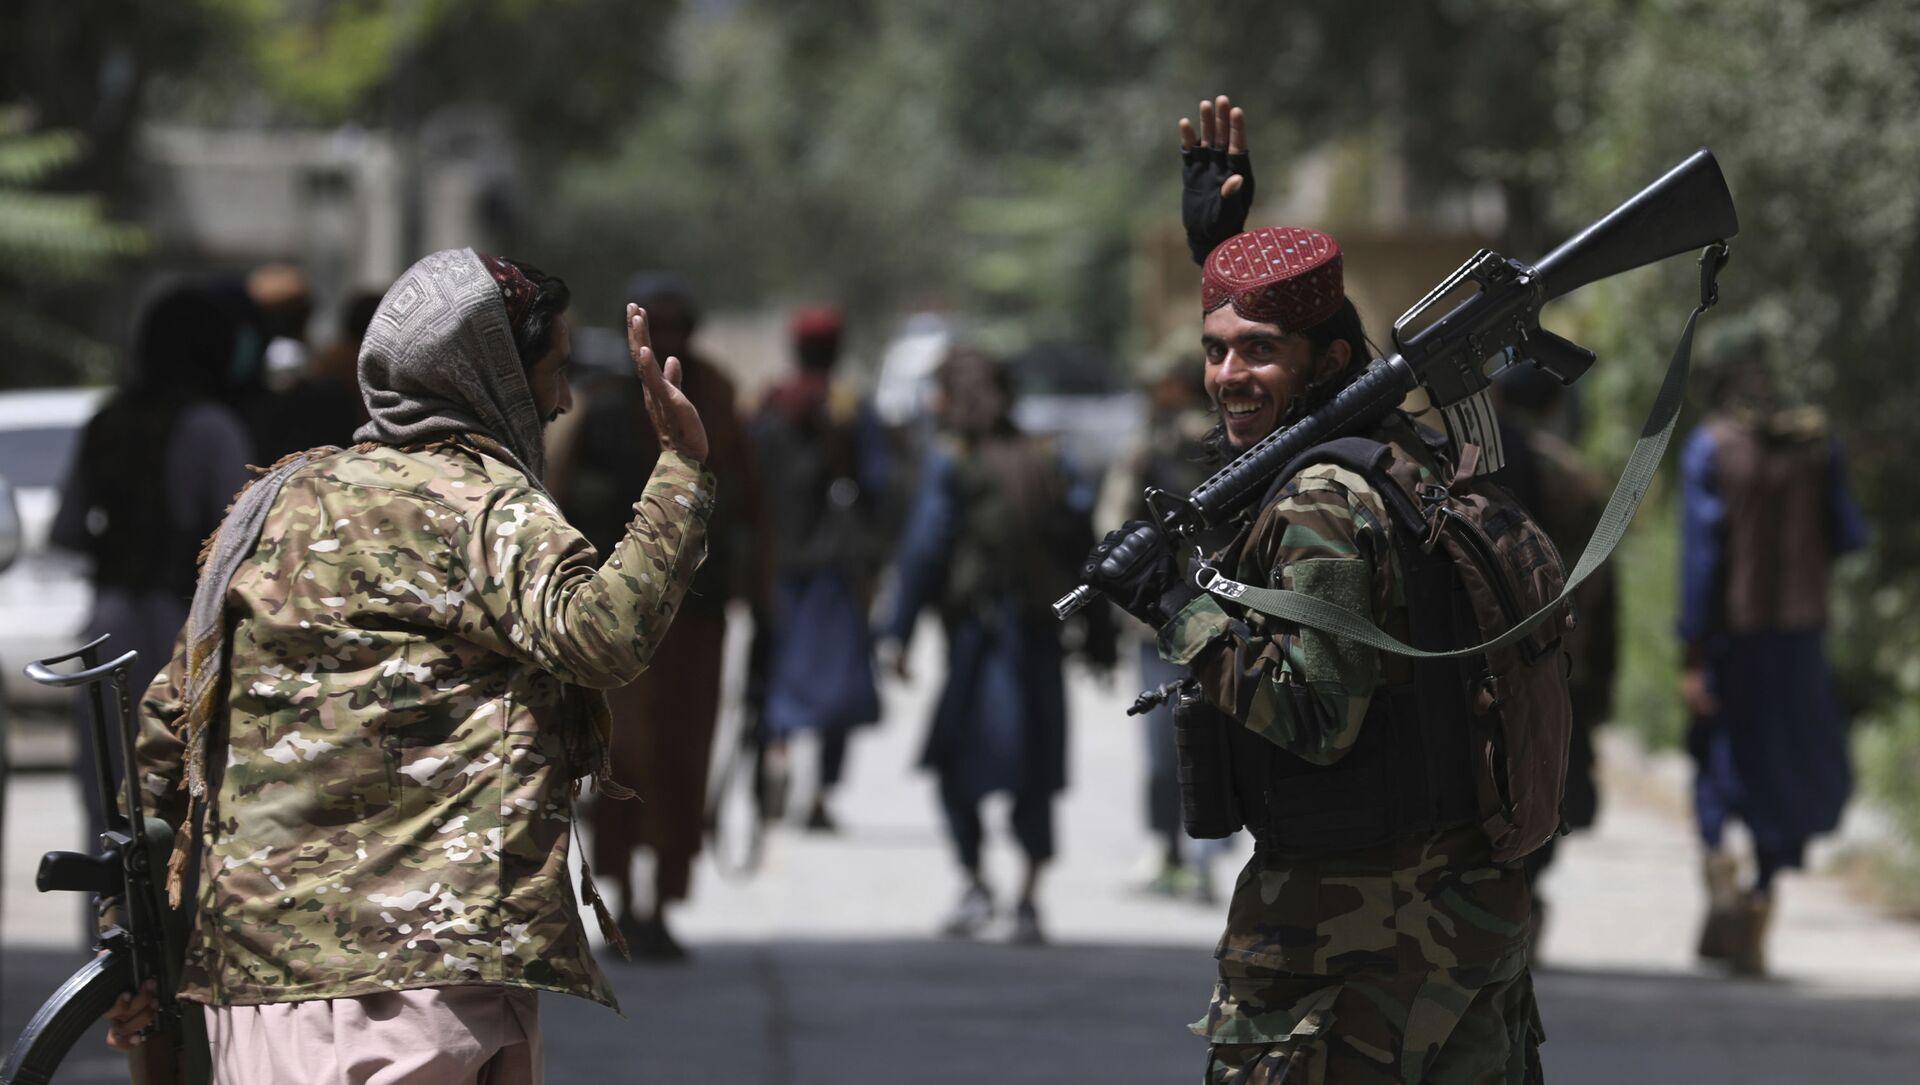 Боевики движения Талибан (террористическая группировка, запрещеннфая в РФ) в Кабуле, 18 авгутса 2021 года - Sputnik Азербайджан, 1920, 20.08.2021